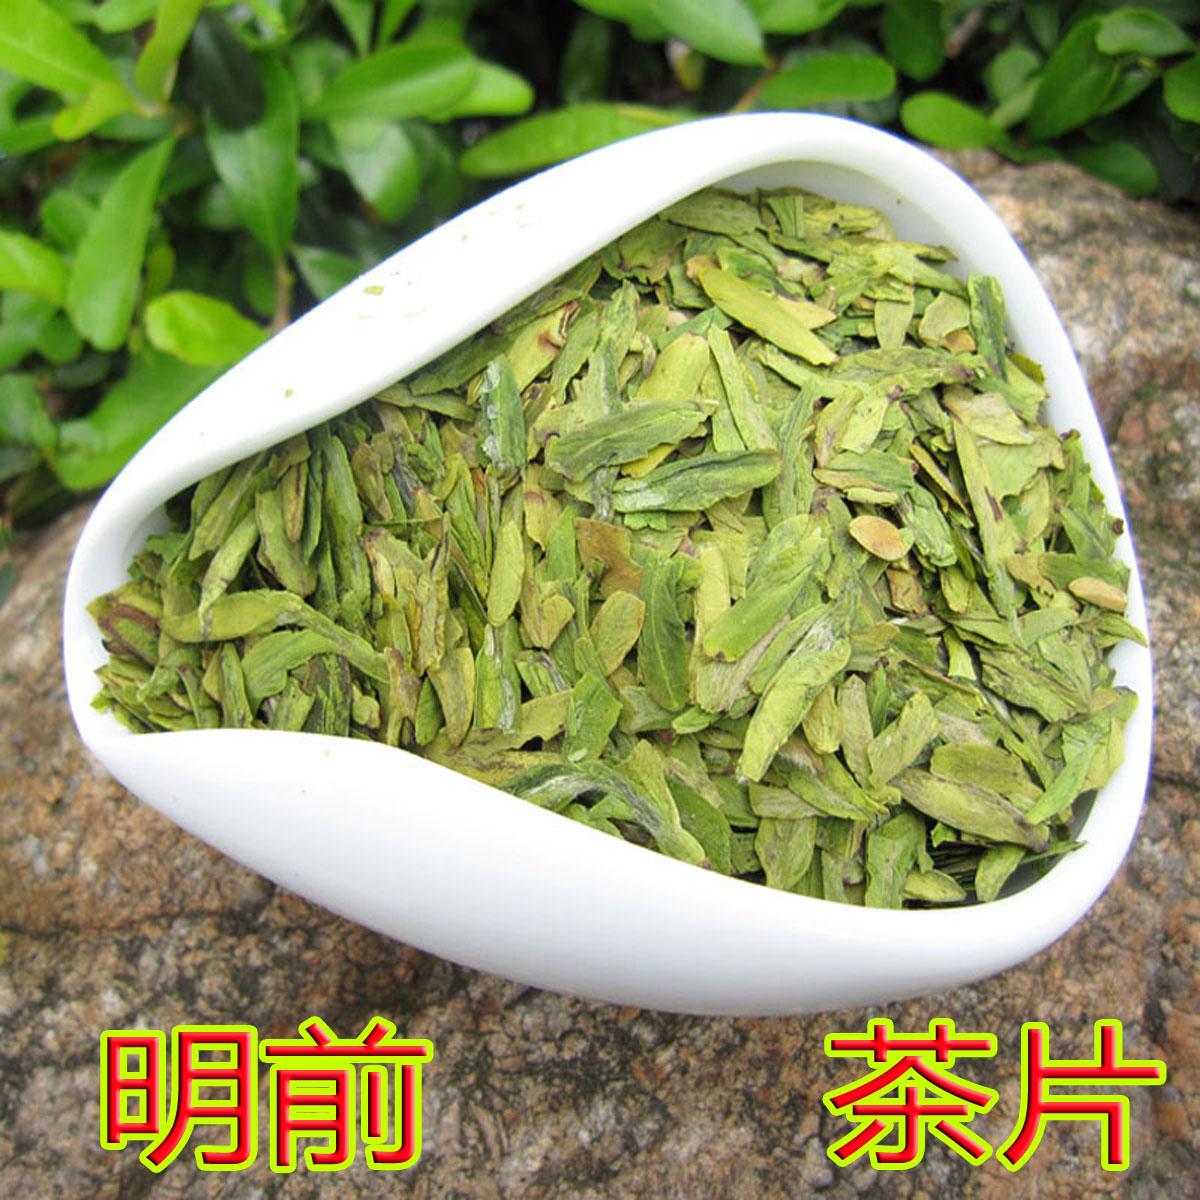 明前大佛龙井茶叶2021新茶 碎 粗 茶片 豆香绿茶袋装500g茶农直销